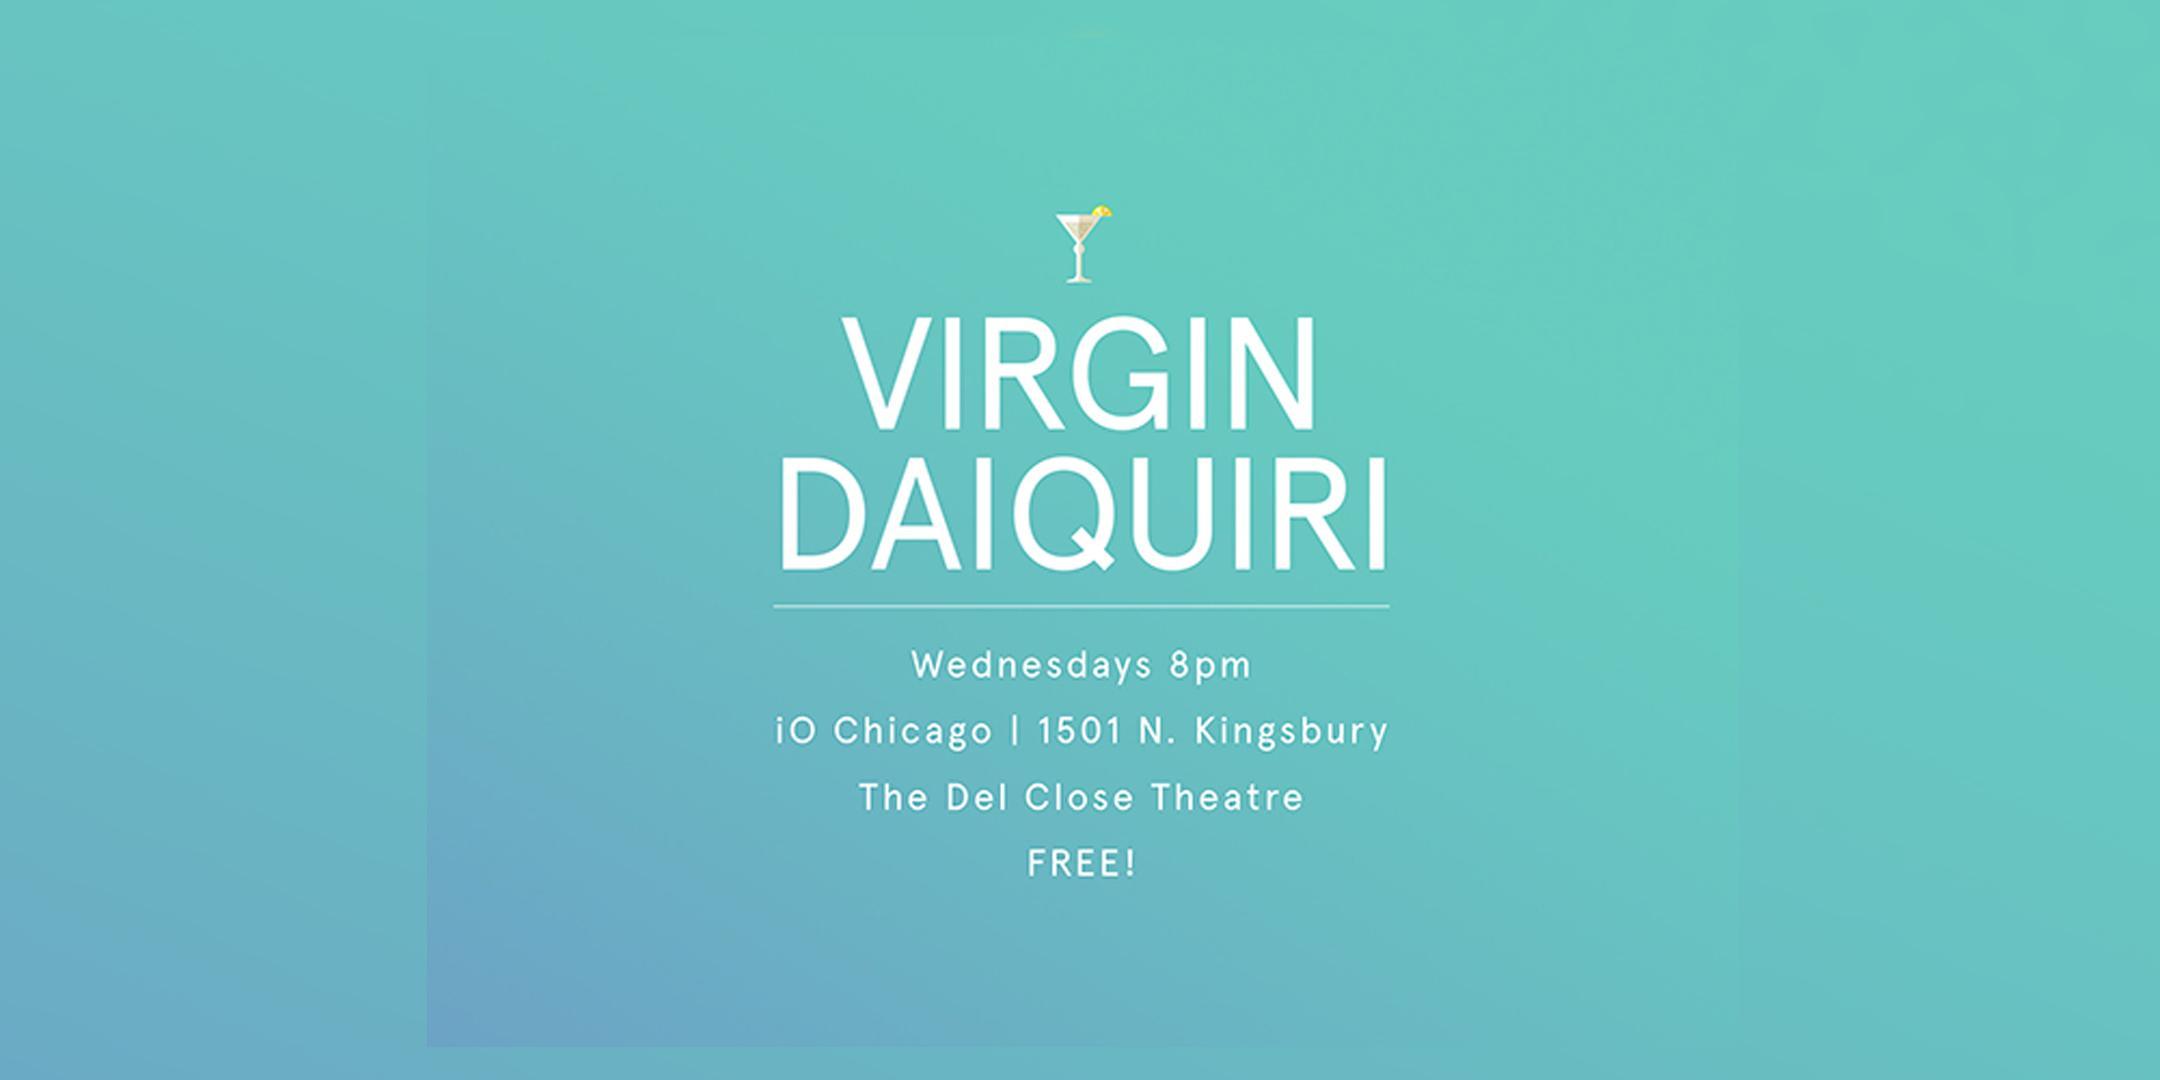 Virgin Daiquiri, the Harold Team Mean Streak